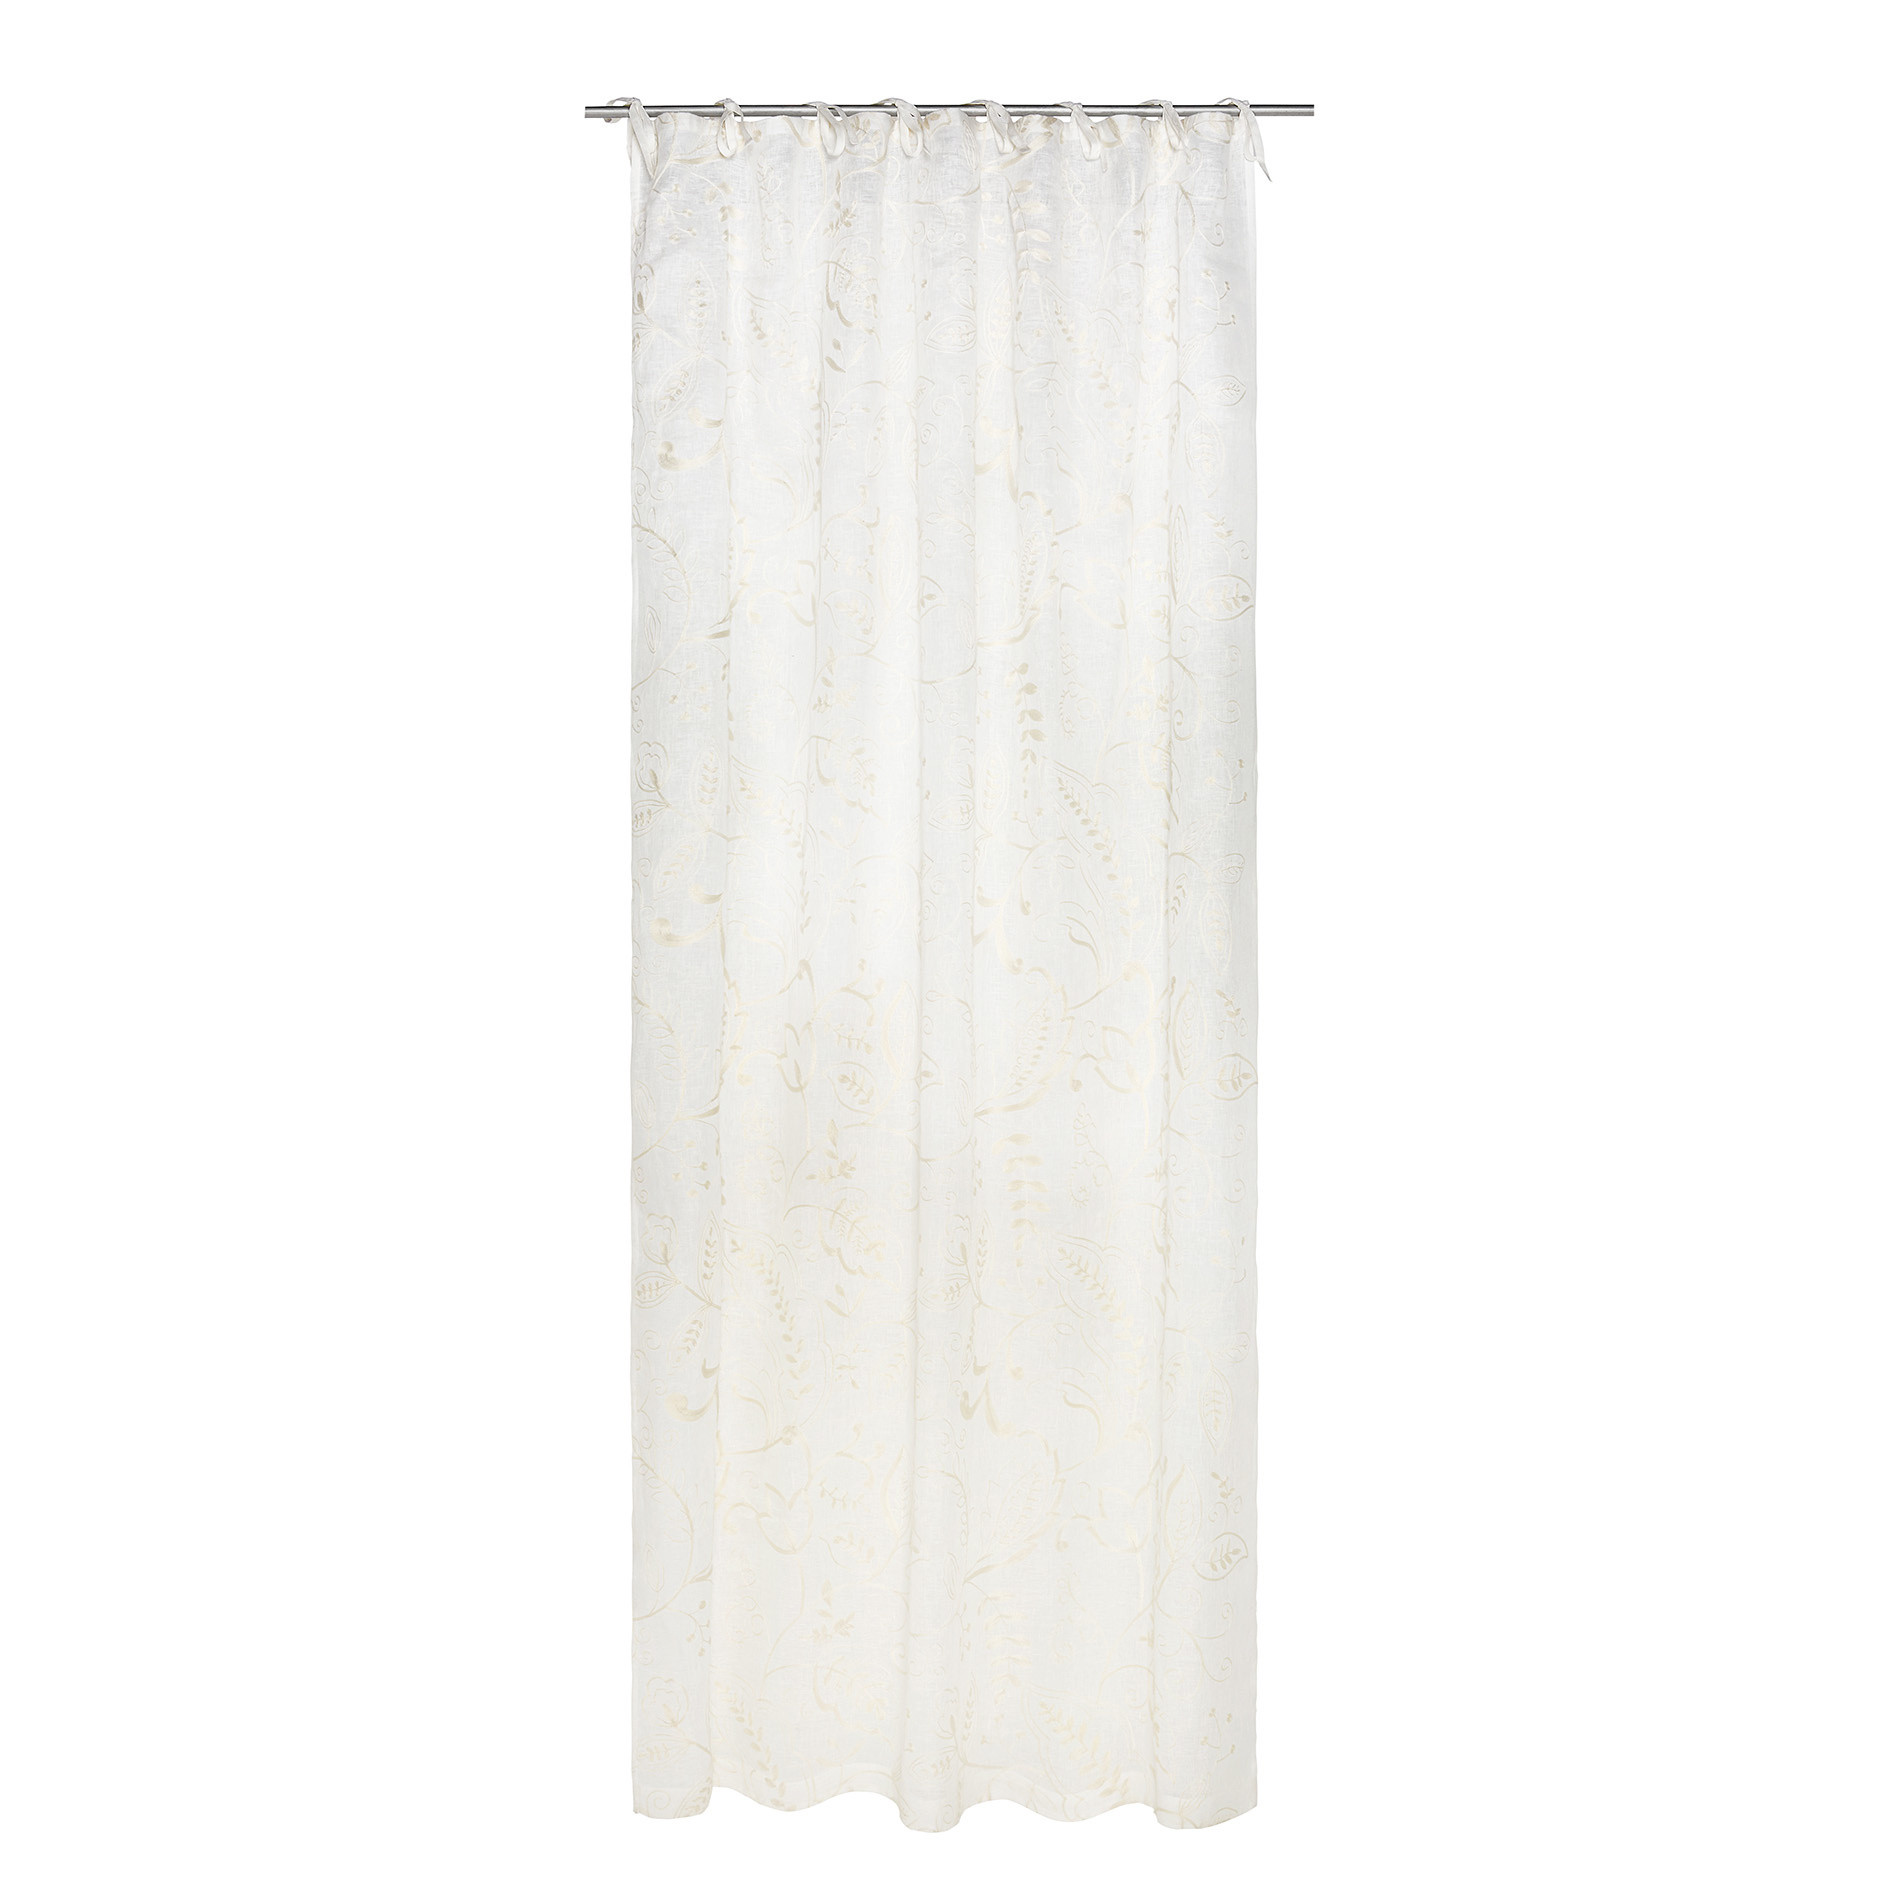 Tenda puro lino ricami floreali, Bianco, large image number 2